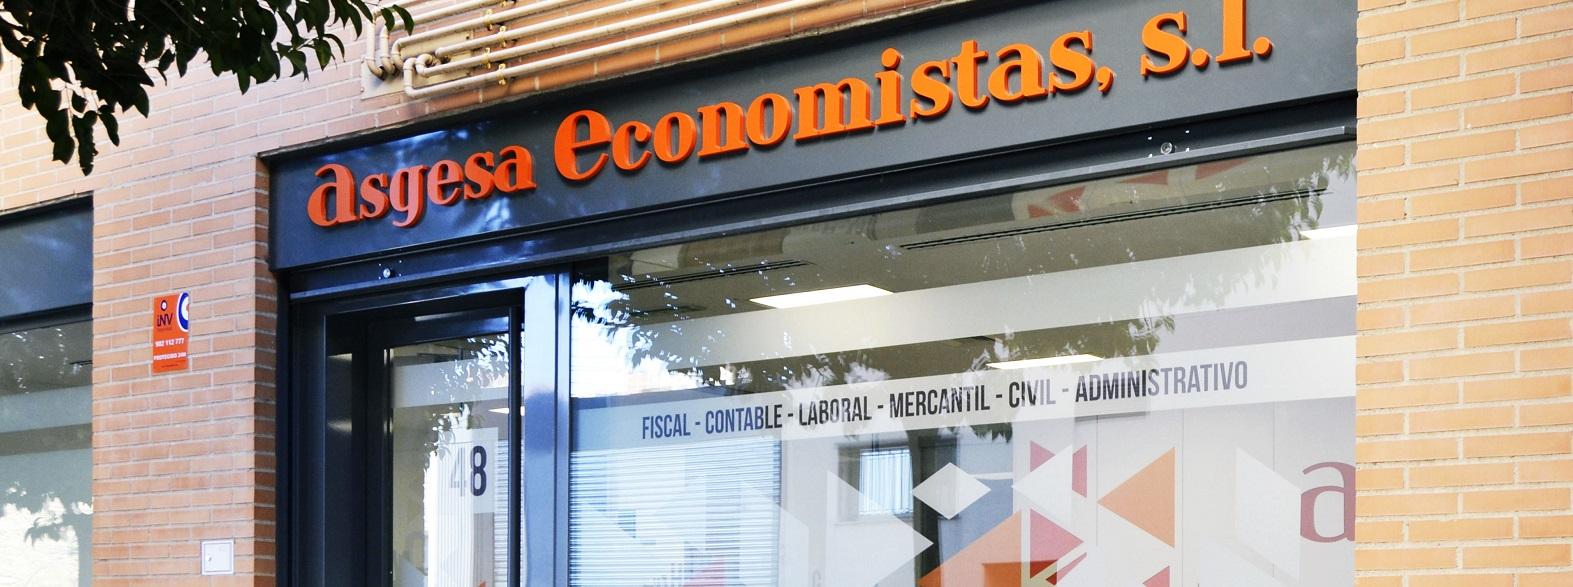 Economistas en Madrid Asgesa Economistas